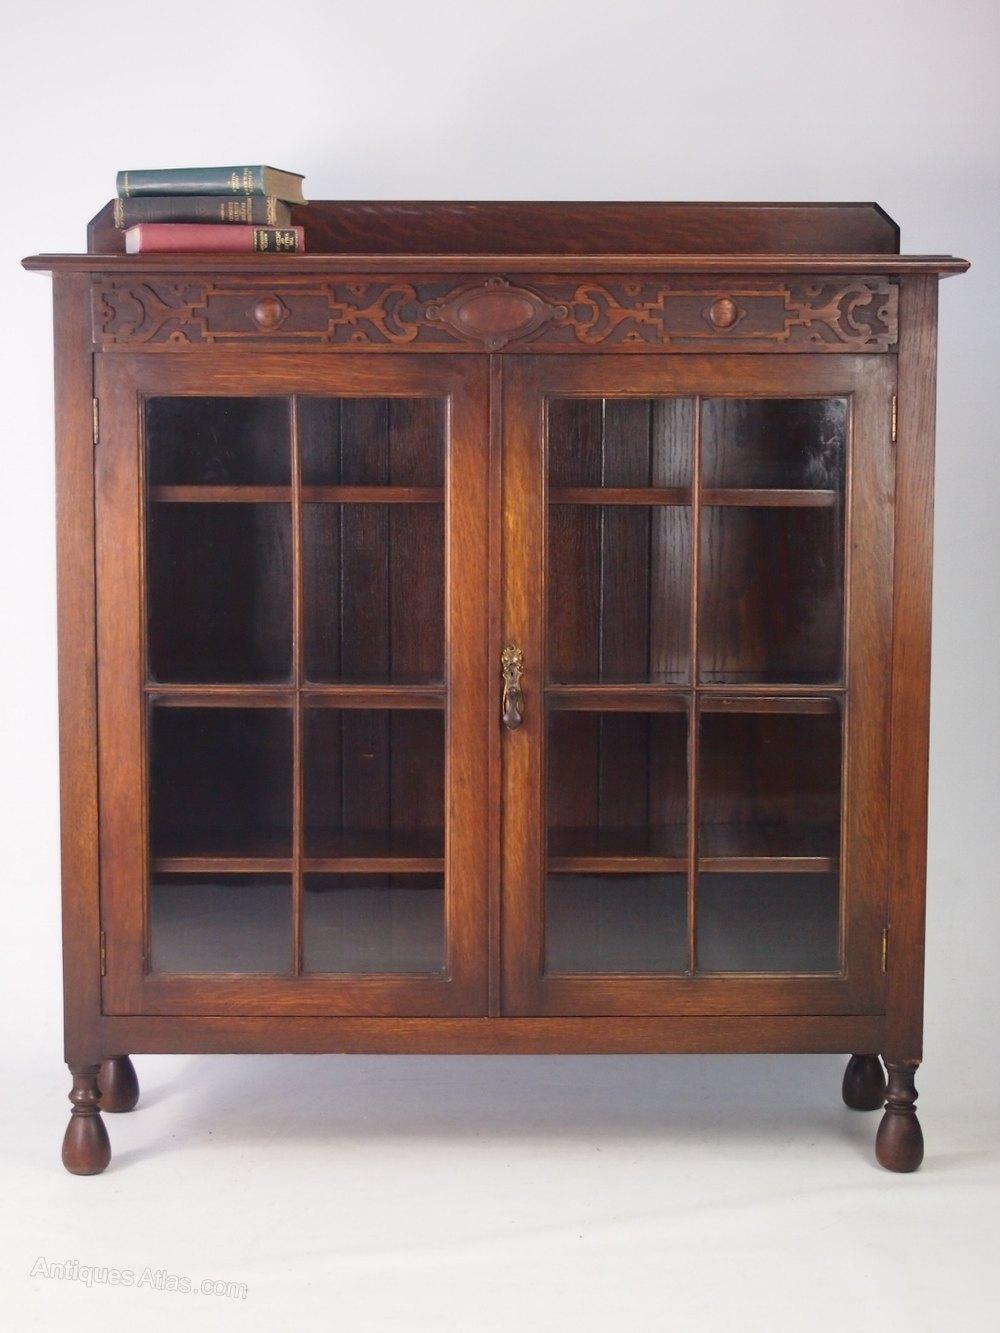 Antique Edwardian Oak Bookcase Antiques Atlas